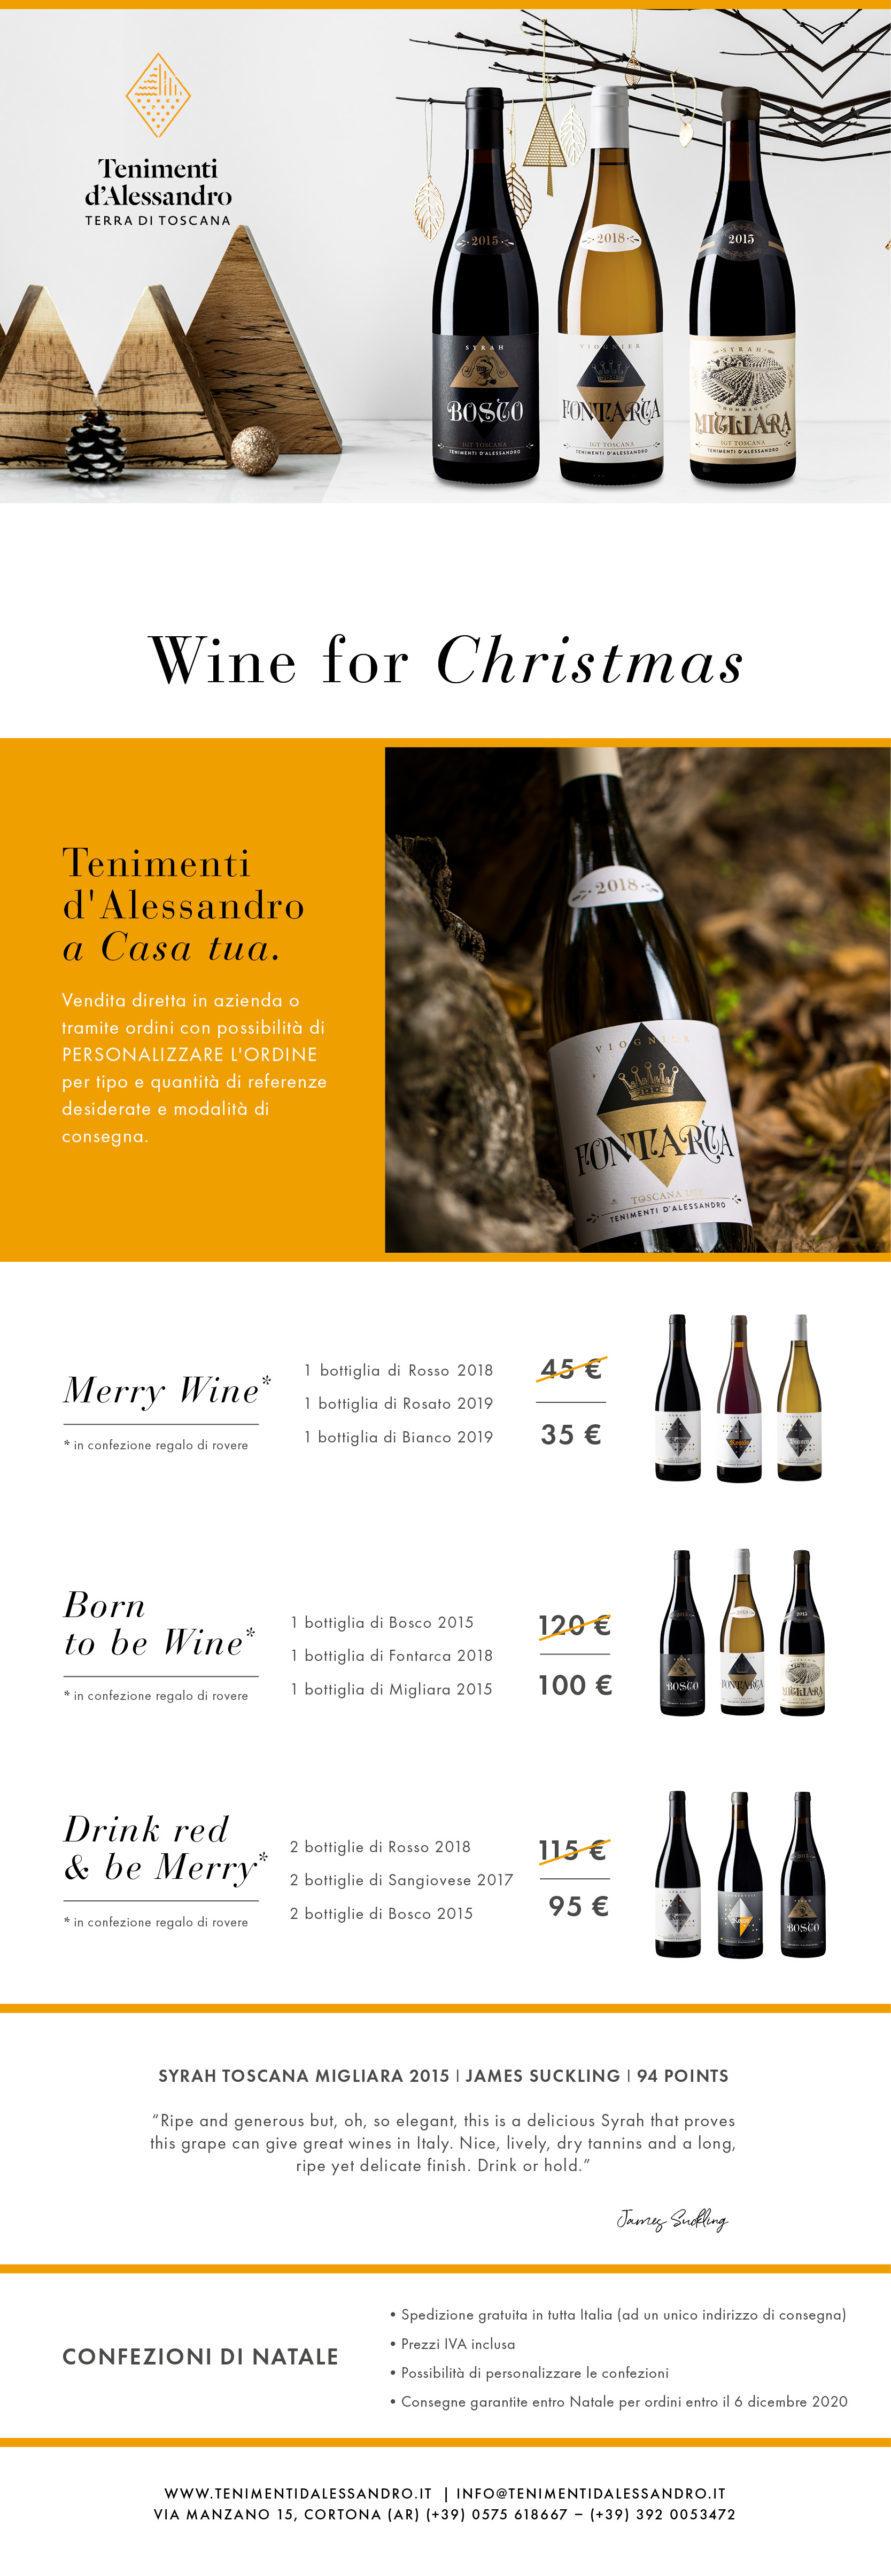 l'offerta dei regali natalizi della tenuta vitivinicola Tenimenti d'Alessandro